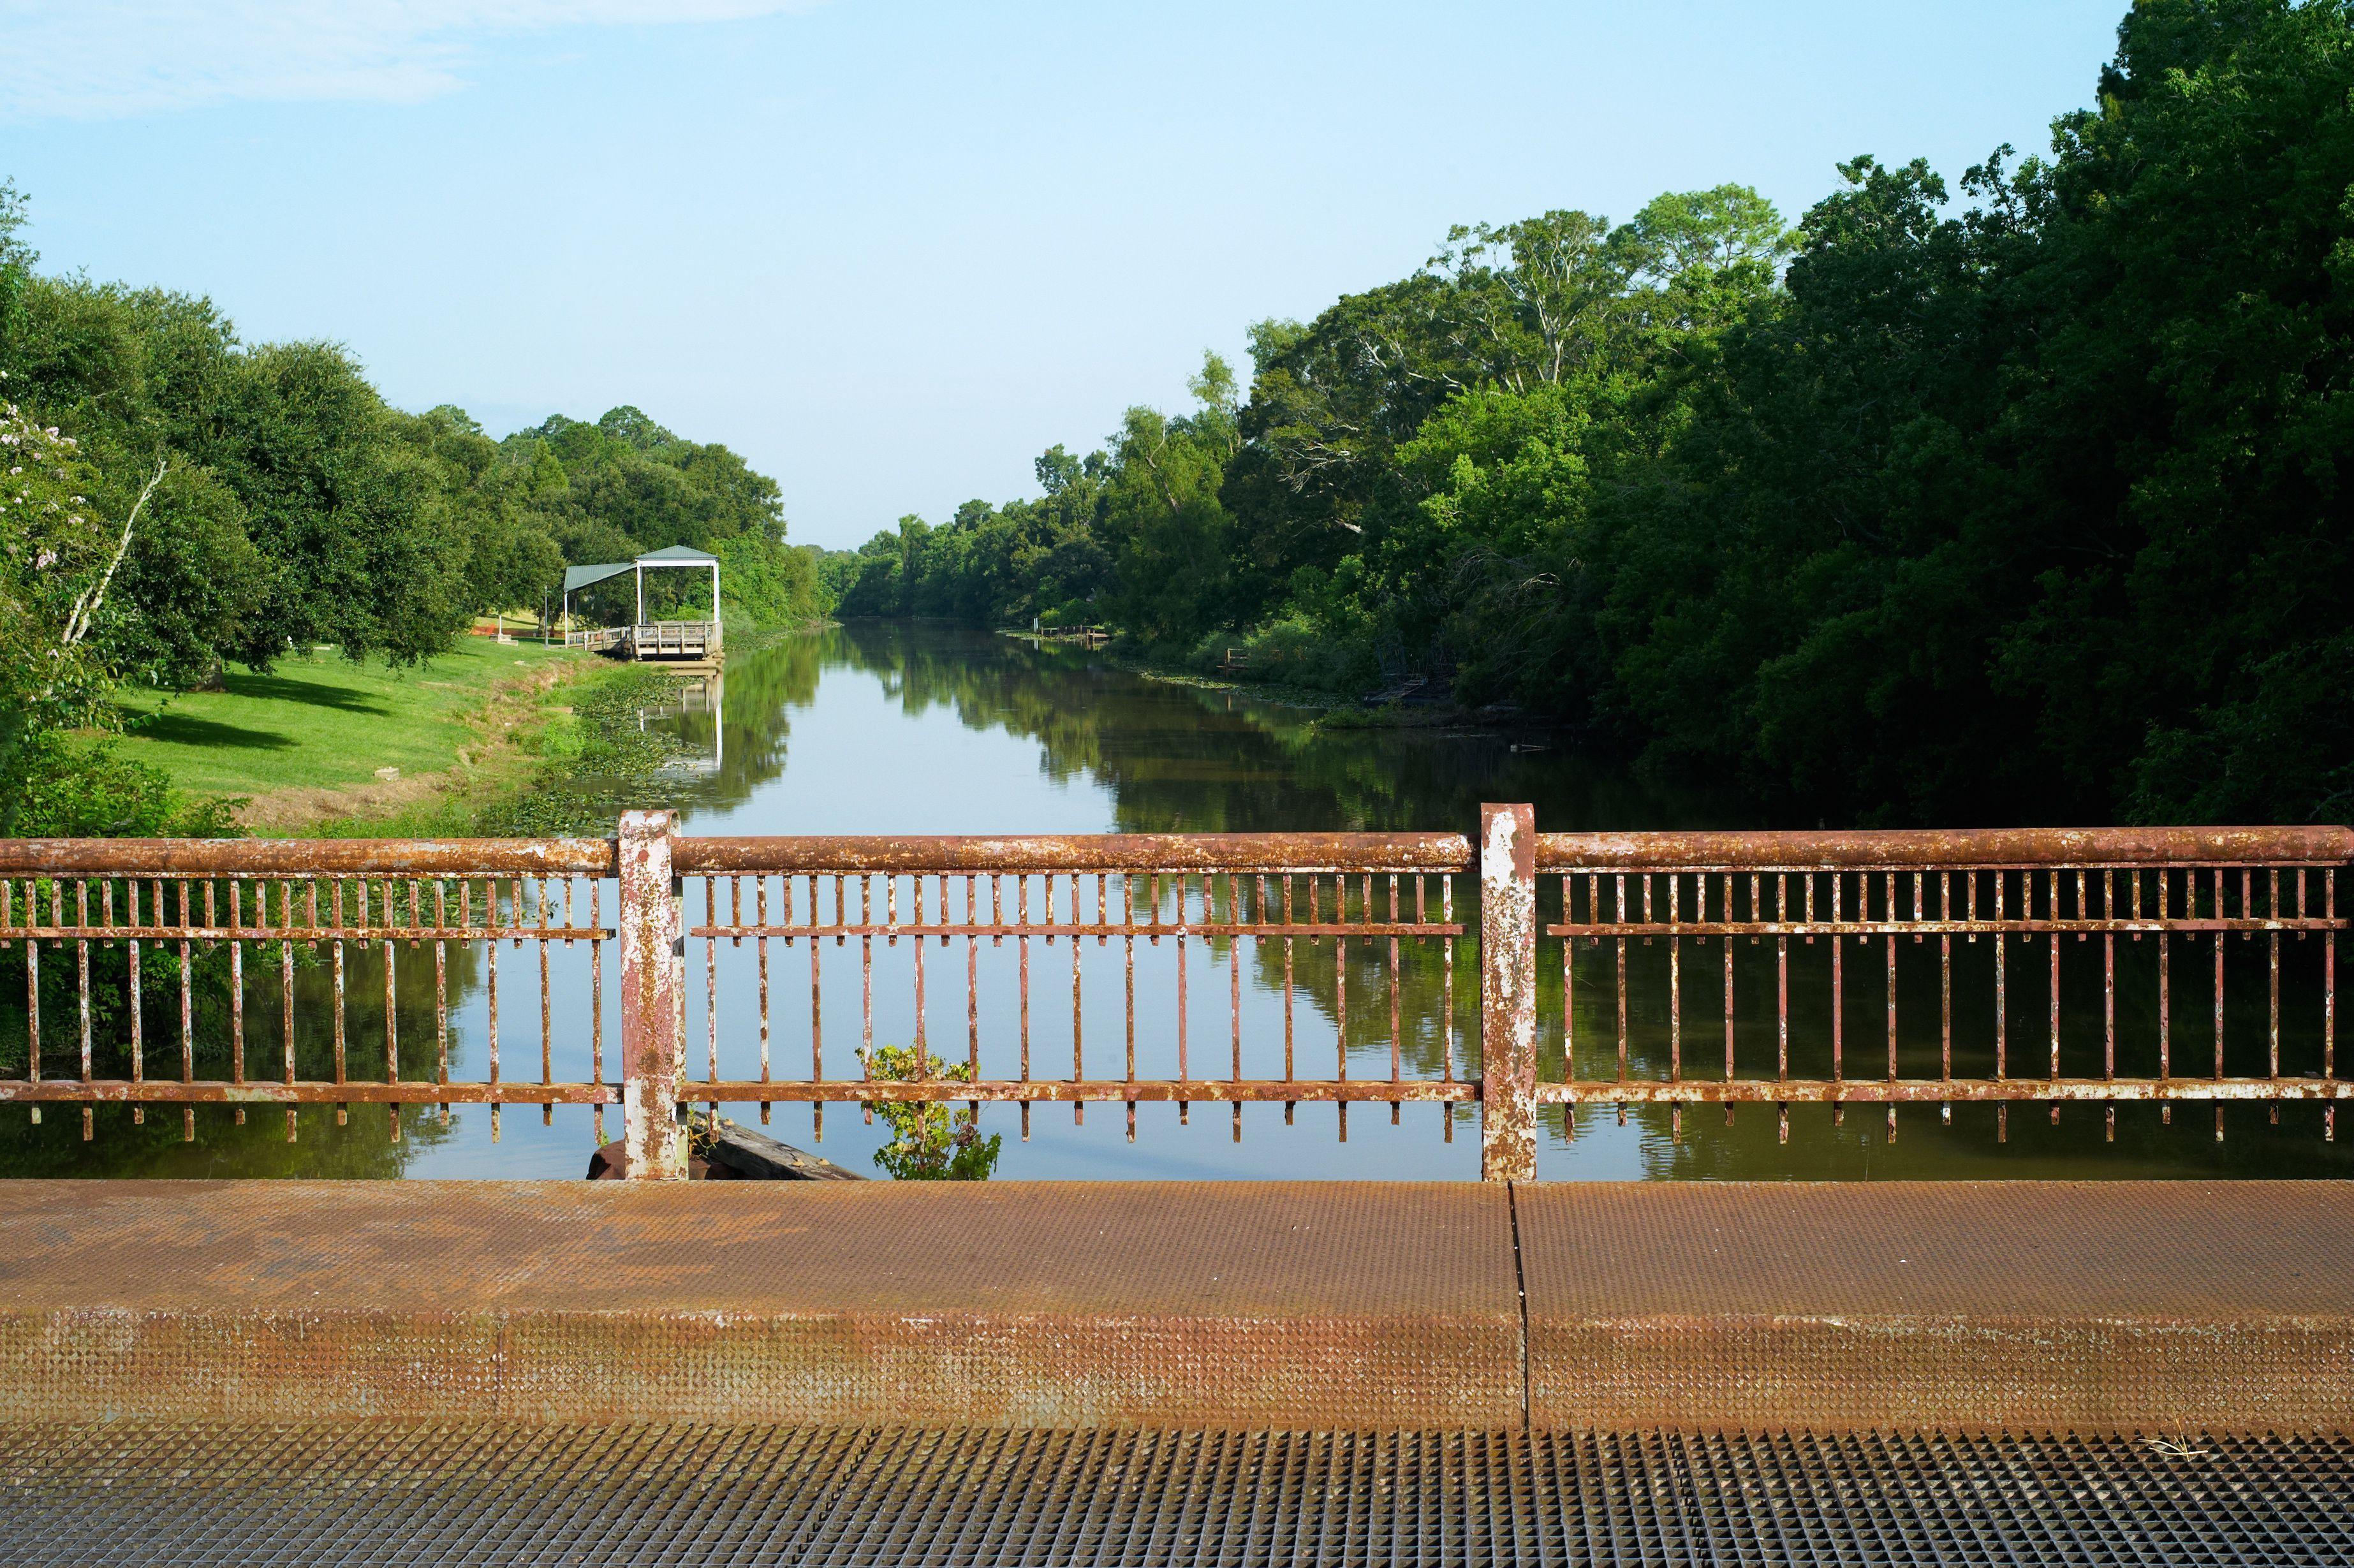 Bridge over Bayou Teche, Breaux Bridge, Louisiana, USA